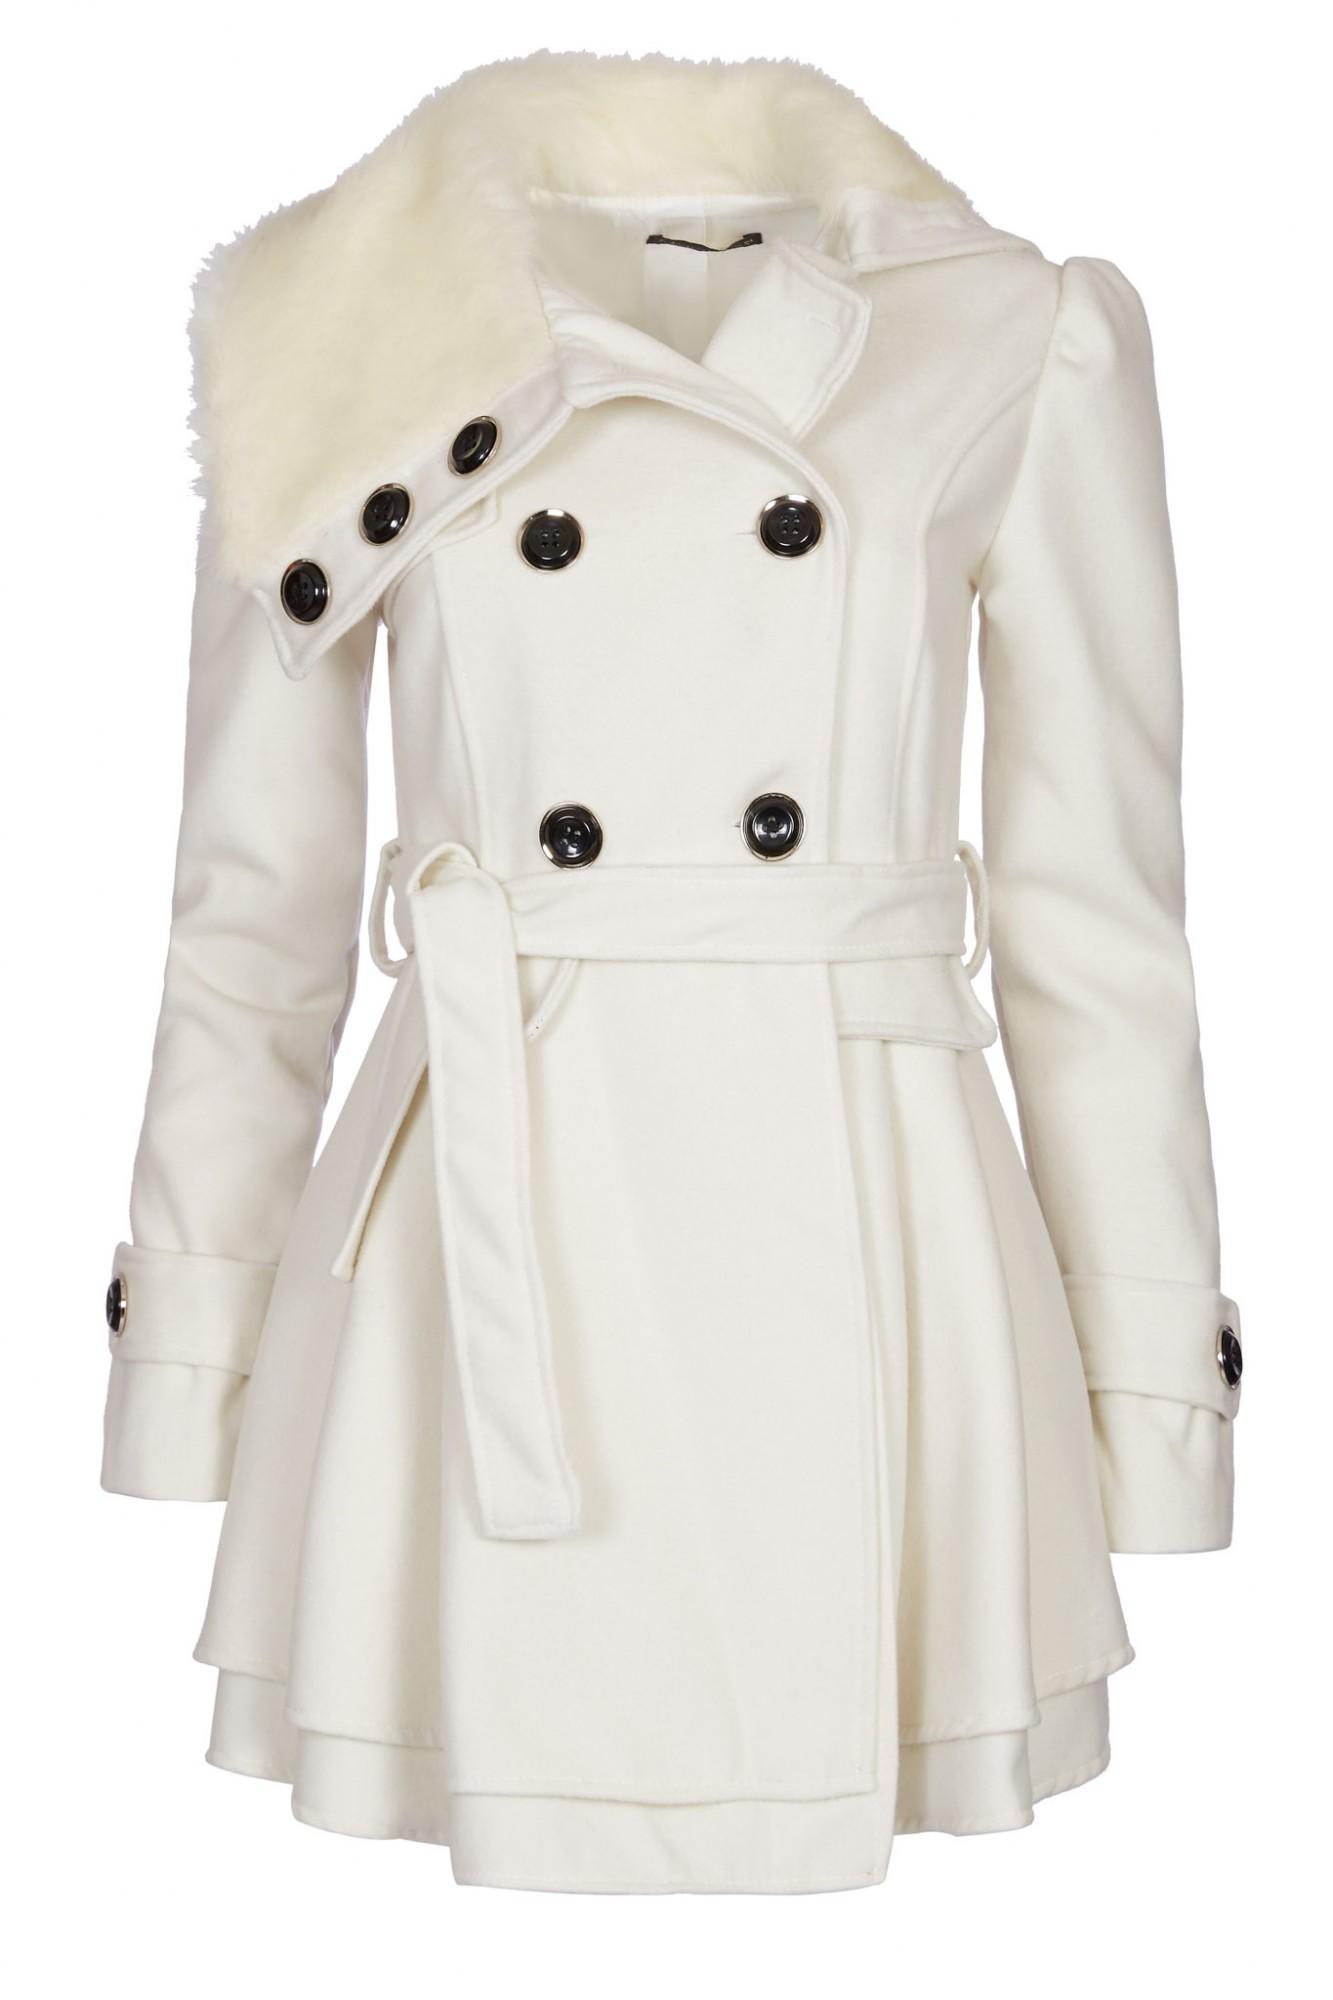 huge selection of 2a8b9 22b11 Details zu Laeticia Dreams Damen Mantel Jacke Winterjacke Mantel mit  Fellkragen S M L XL